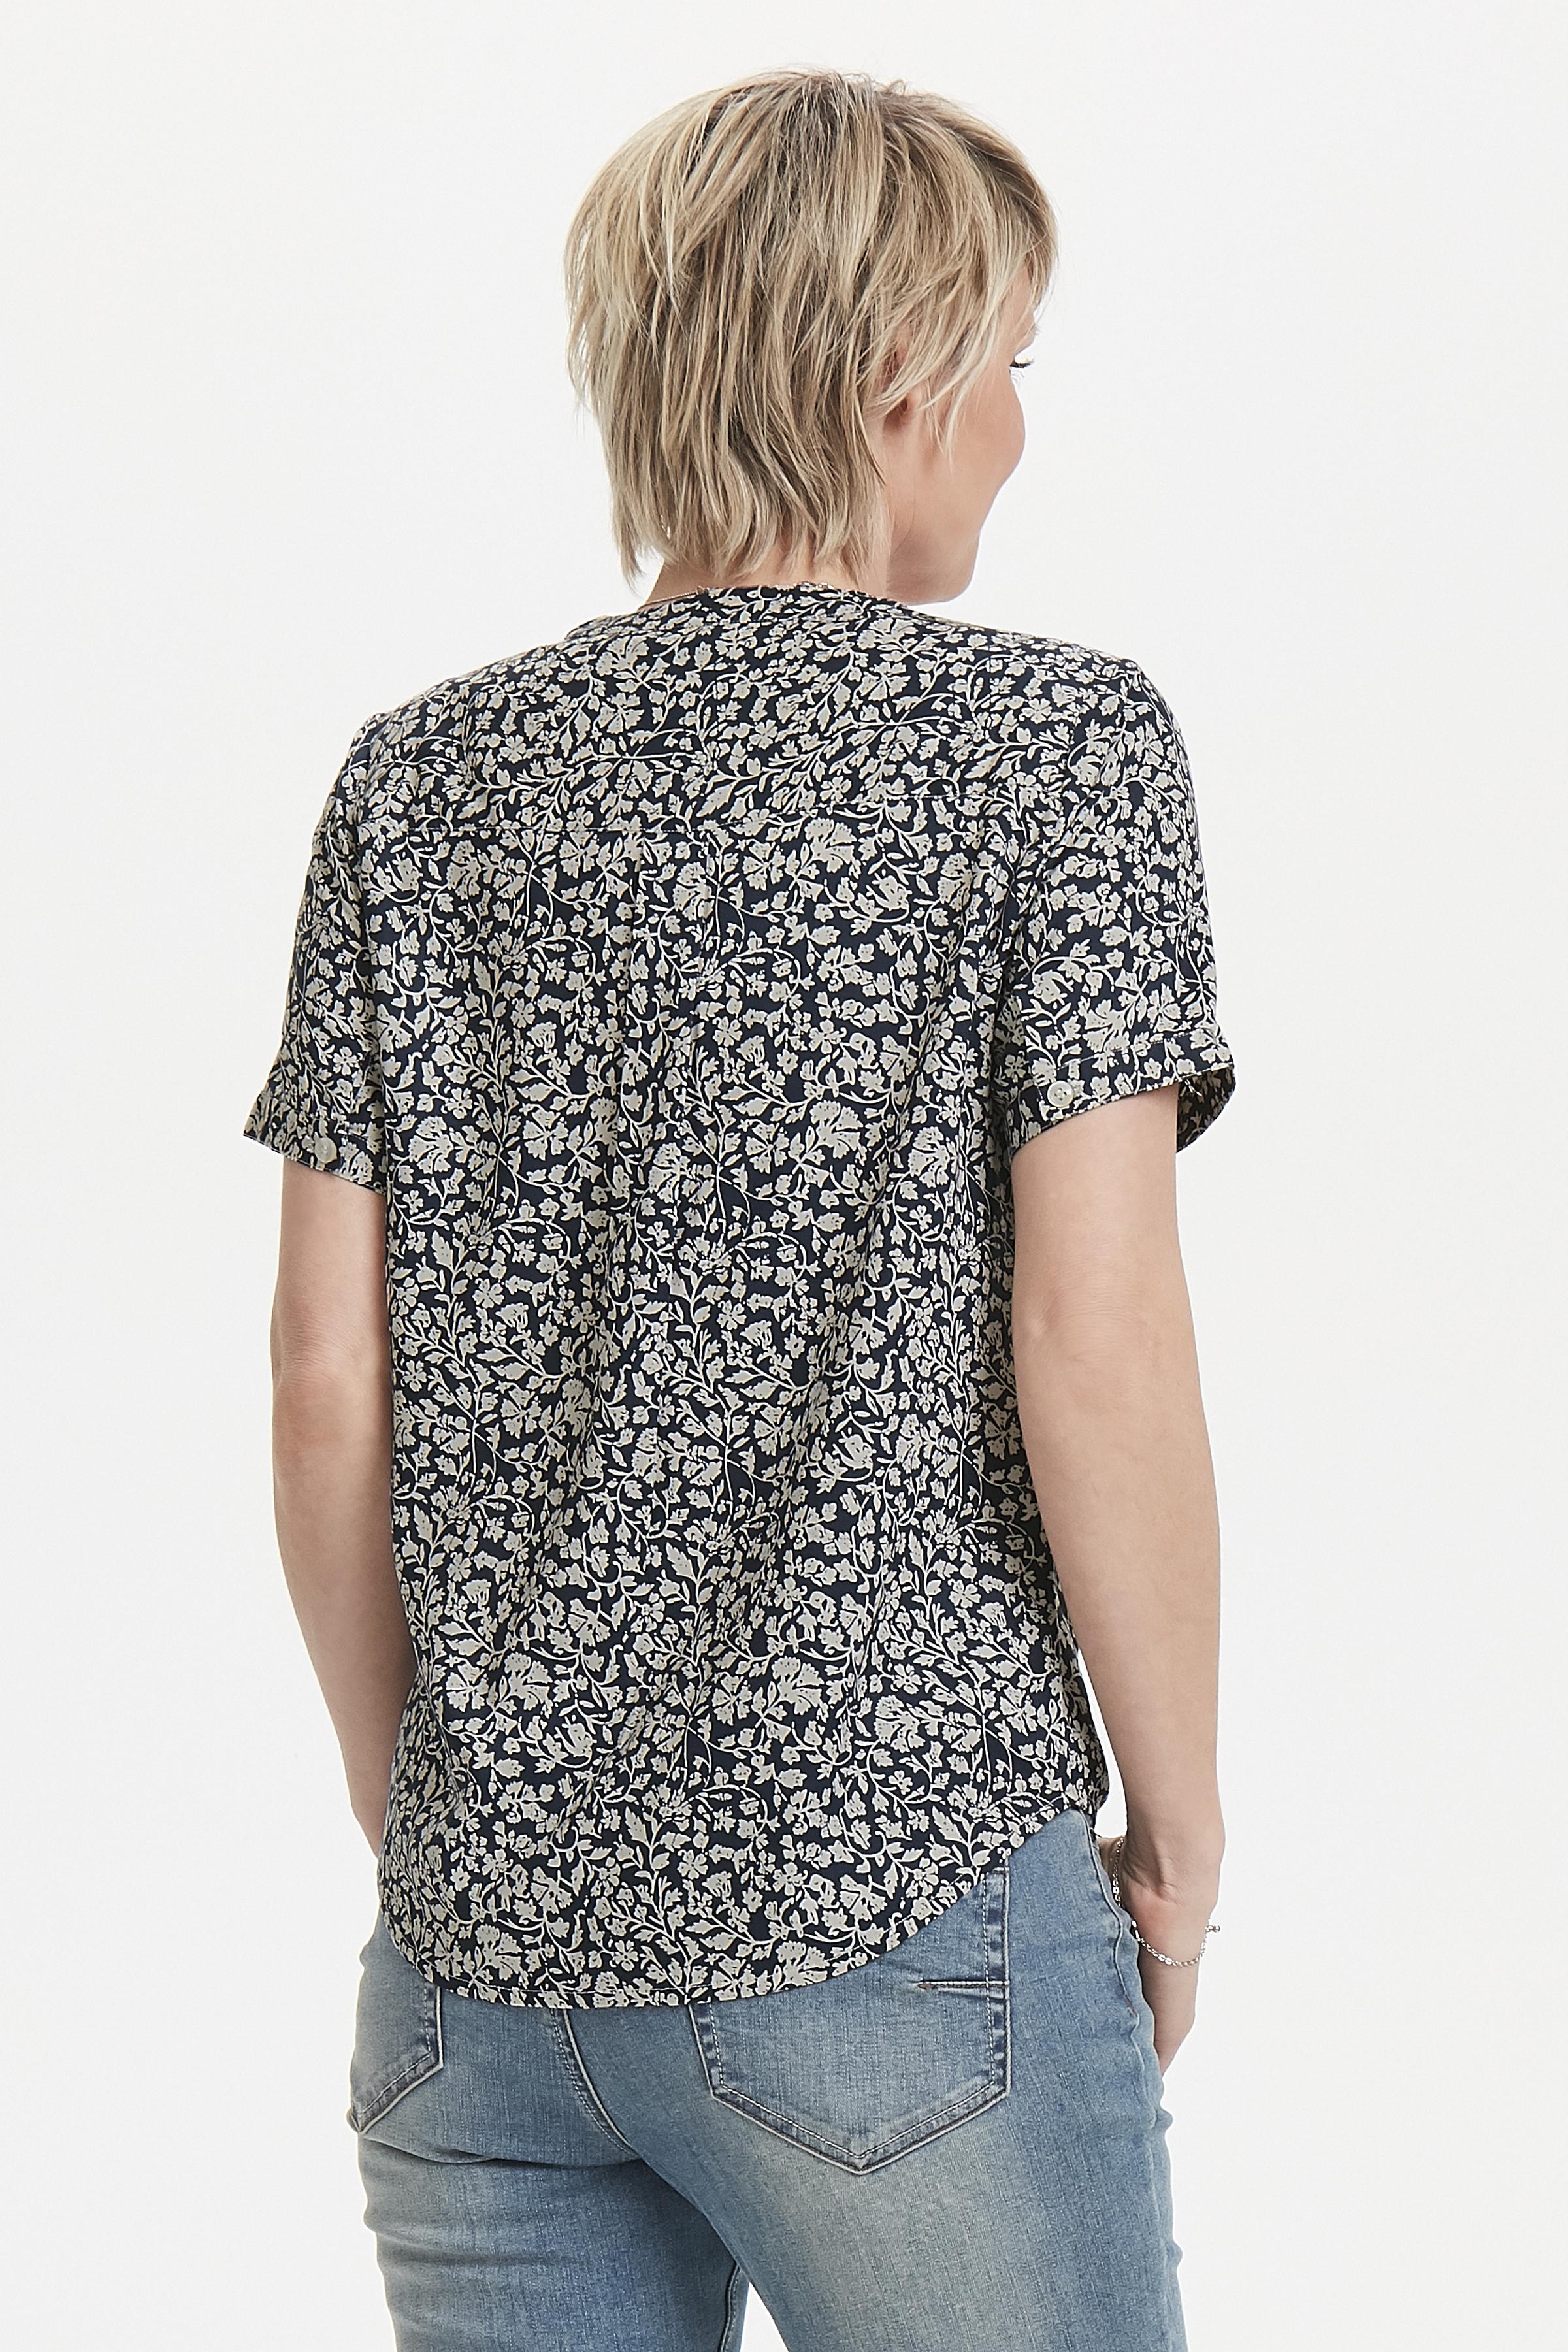 Mörkblå/crème Kortärmad skjorta från Bon'A Parte – Köp Mörkblå/crème Kortärmad skjorta från stl. S-2XL här